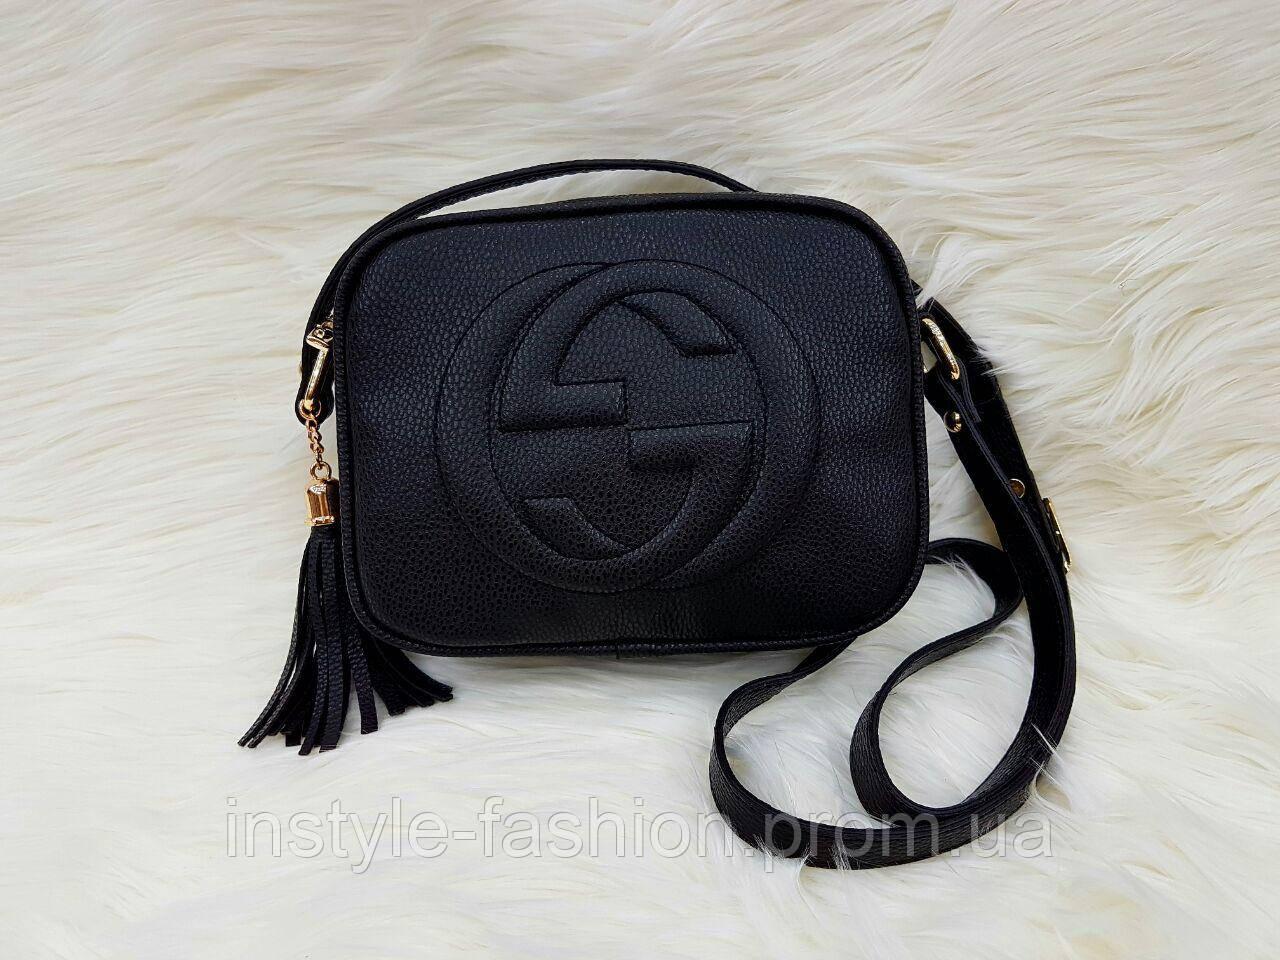 Сумка клатч через плечо Gucci Гуччи черная - Сумки брендовые, кошельки, очки,  женская 68ac698ed43